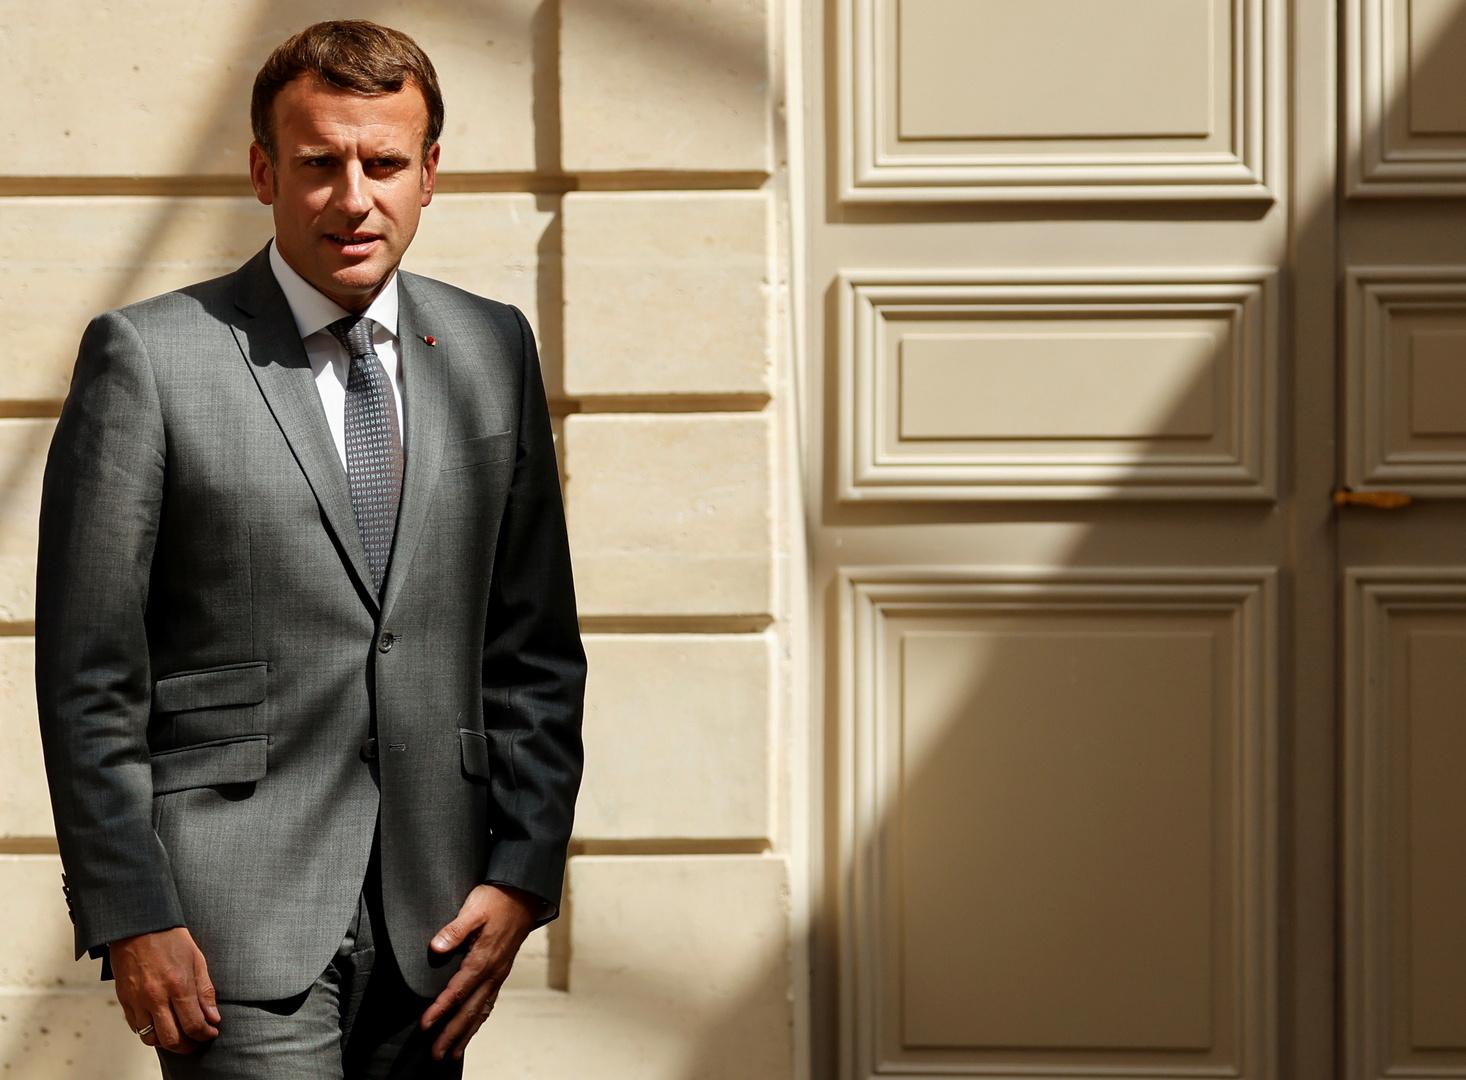 فرنسا عن التجسس على ماكرون: إن ثبتت هذه الادعاءات ستكون خطيرة للغاية